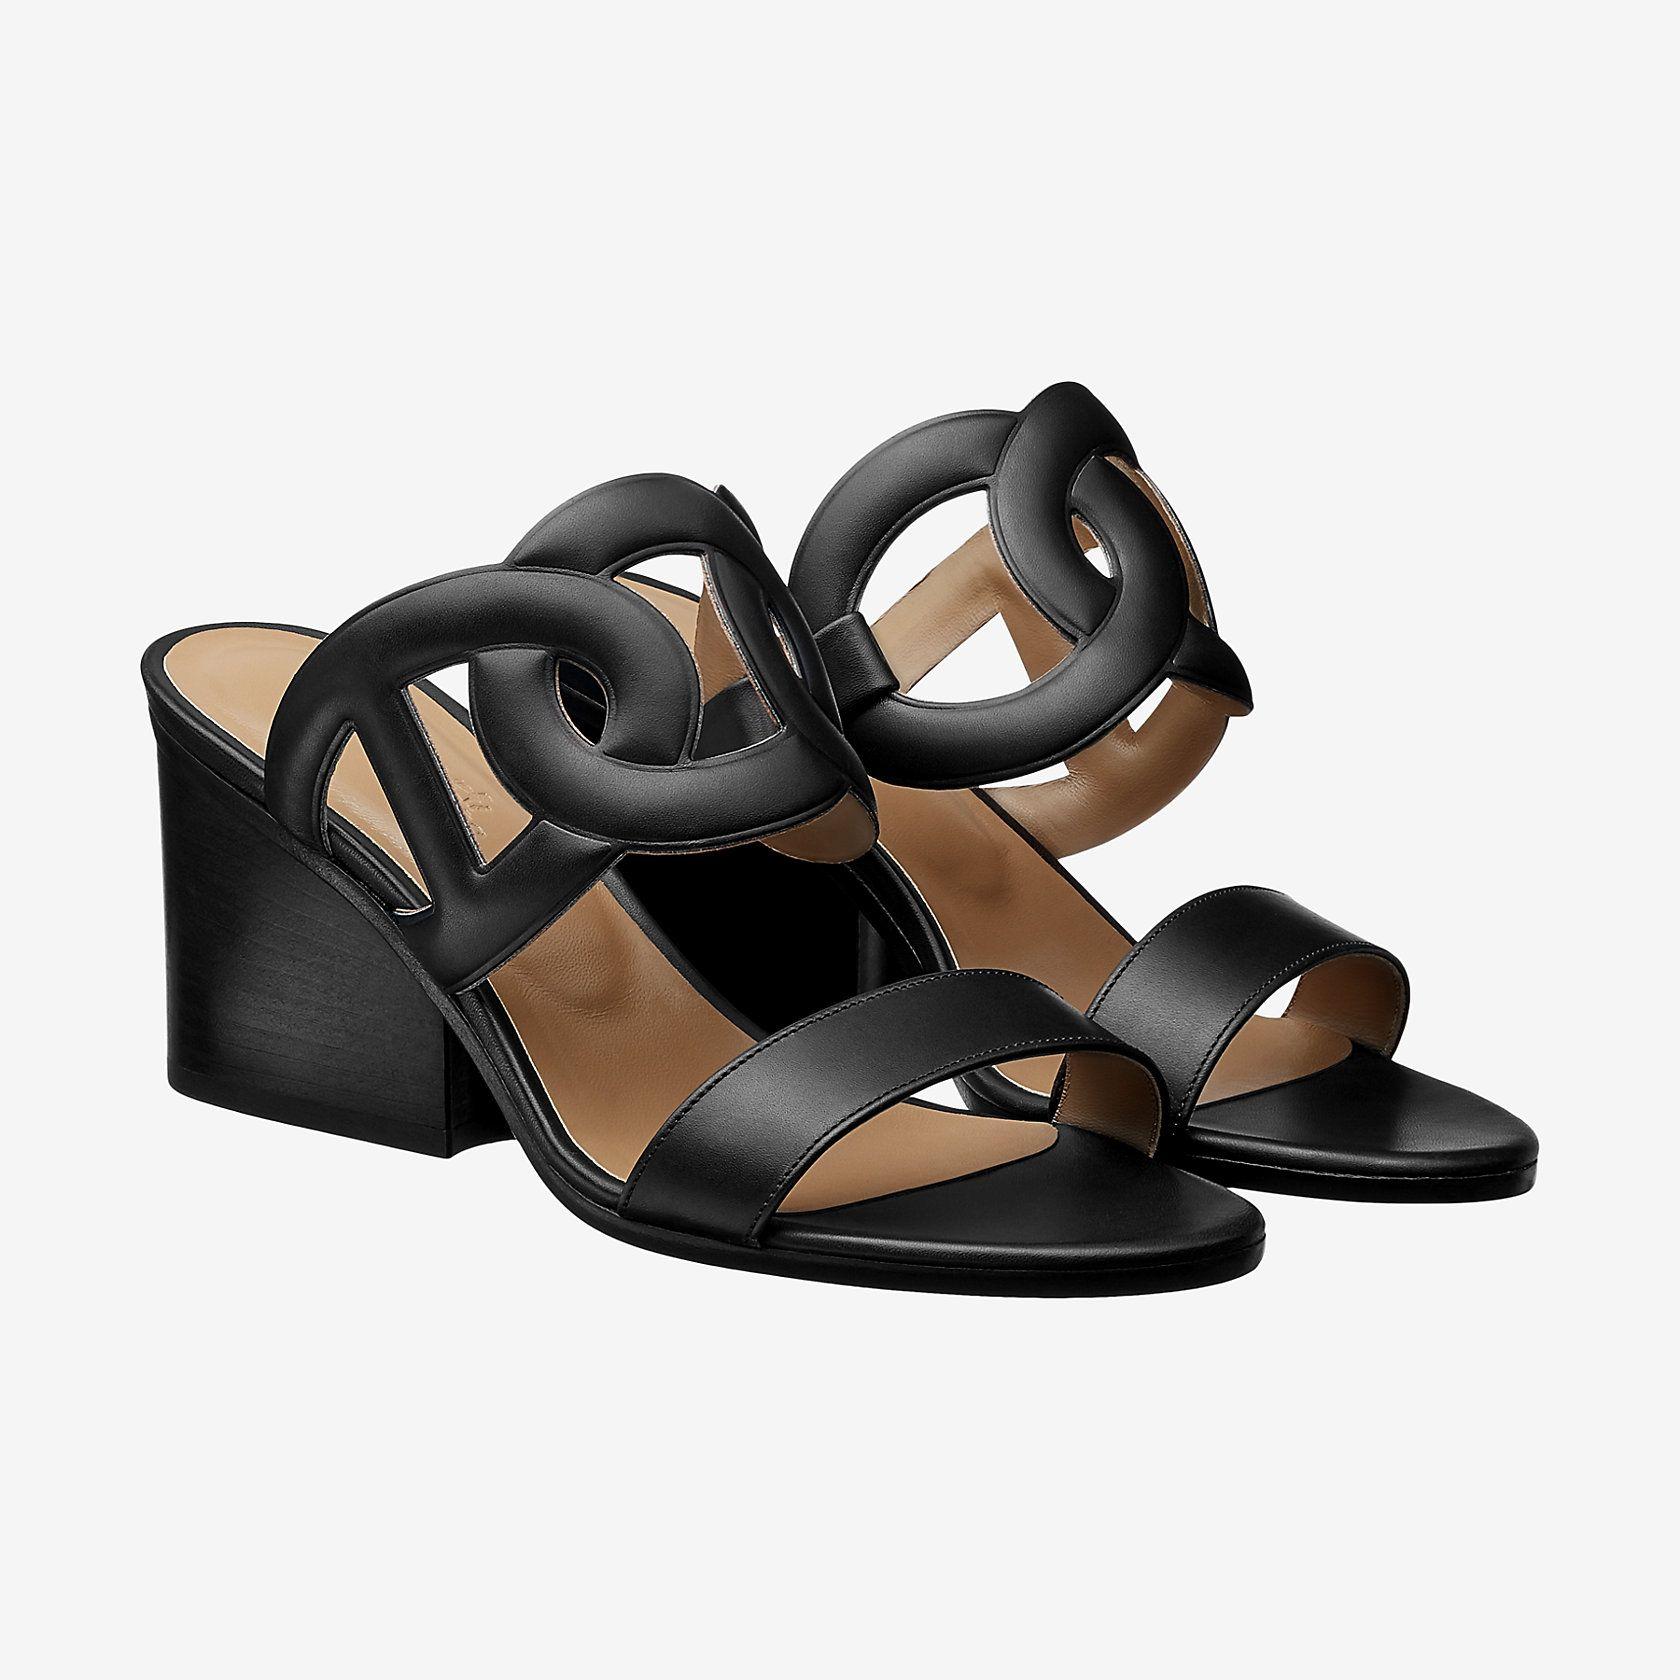 5e7072cc2e88 Hermes sandal in calfskin